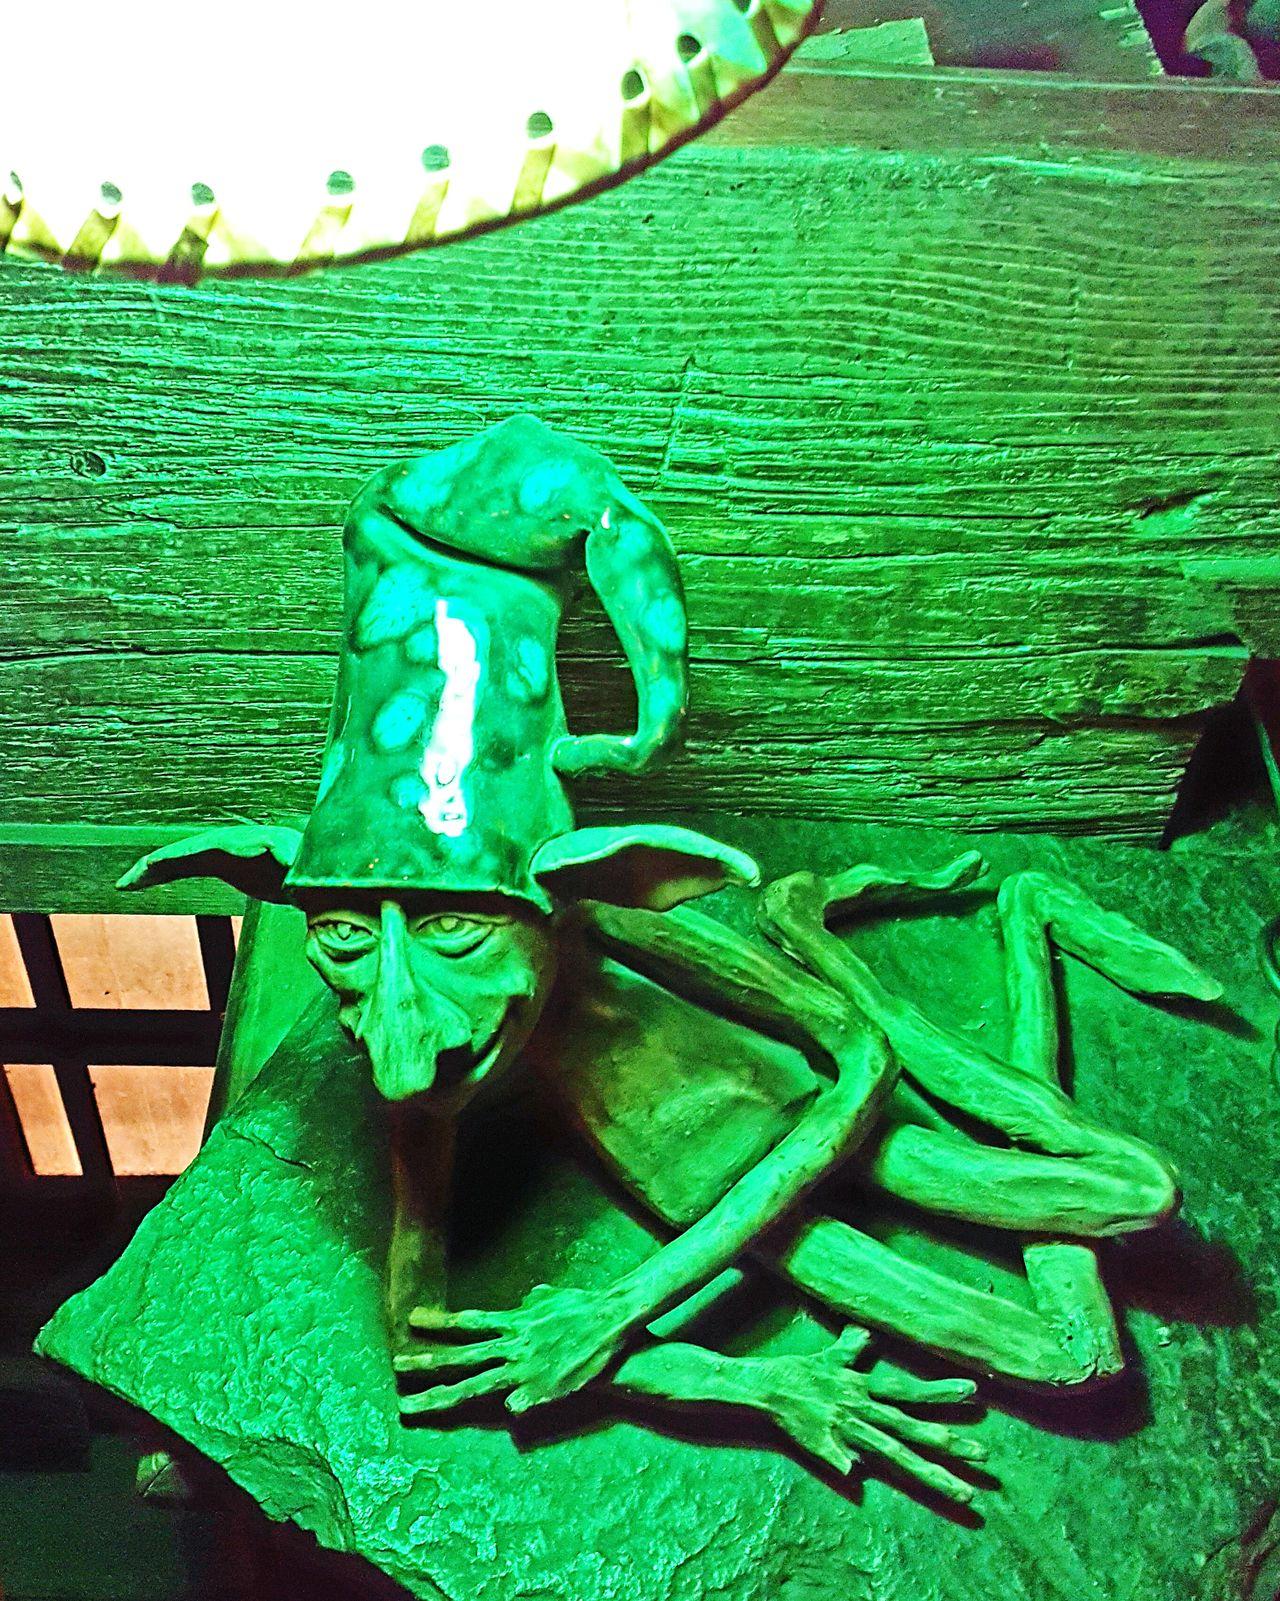 Green Color No People Close-up Elve Goblin Elf Irish Pub Night Indoors  Green Color La Paz, Bolivia Green Elf Under The Lamp